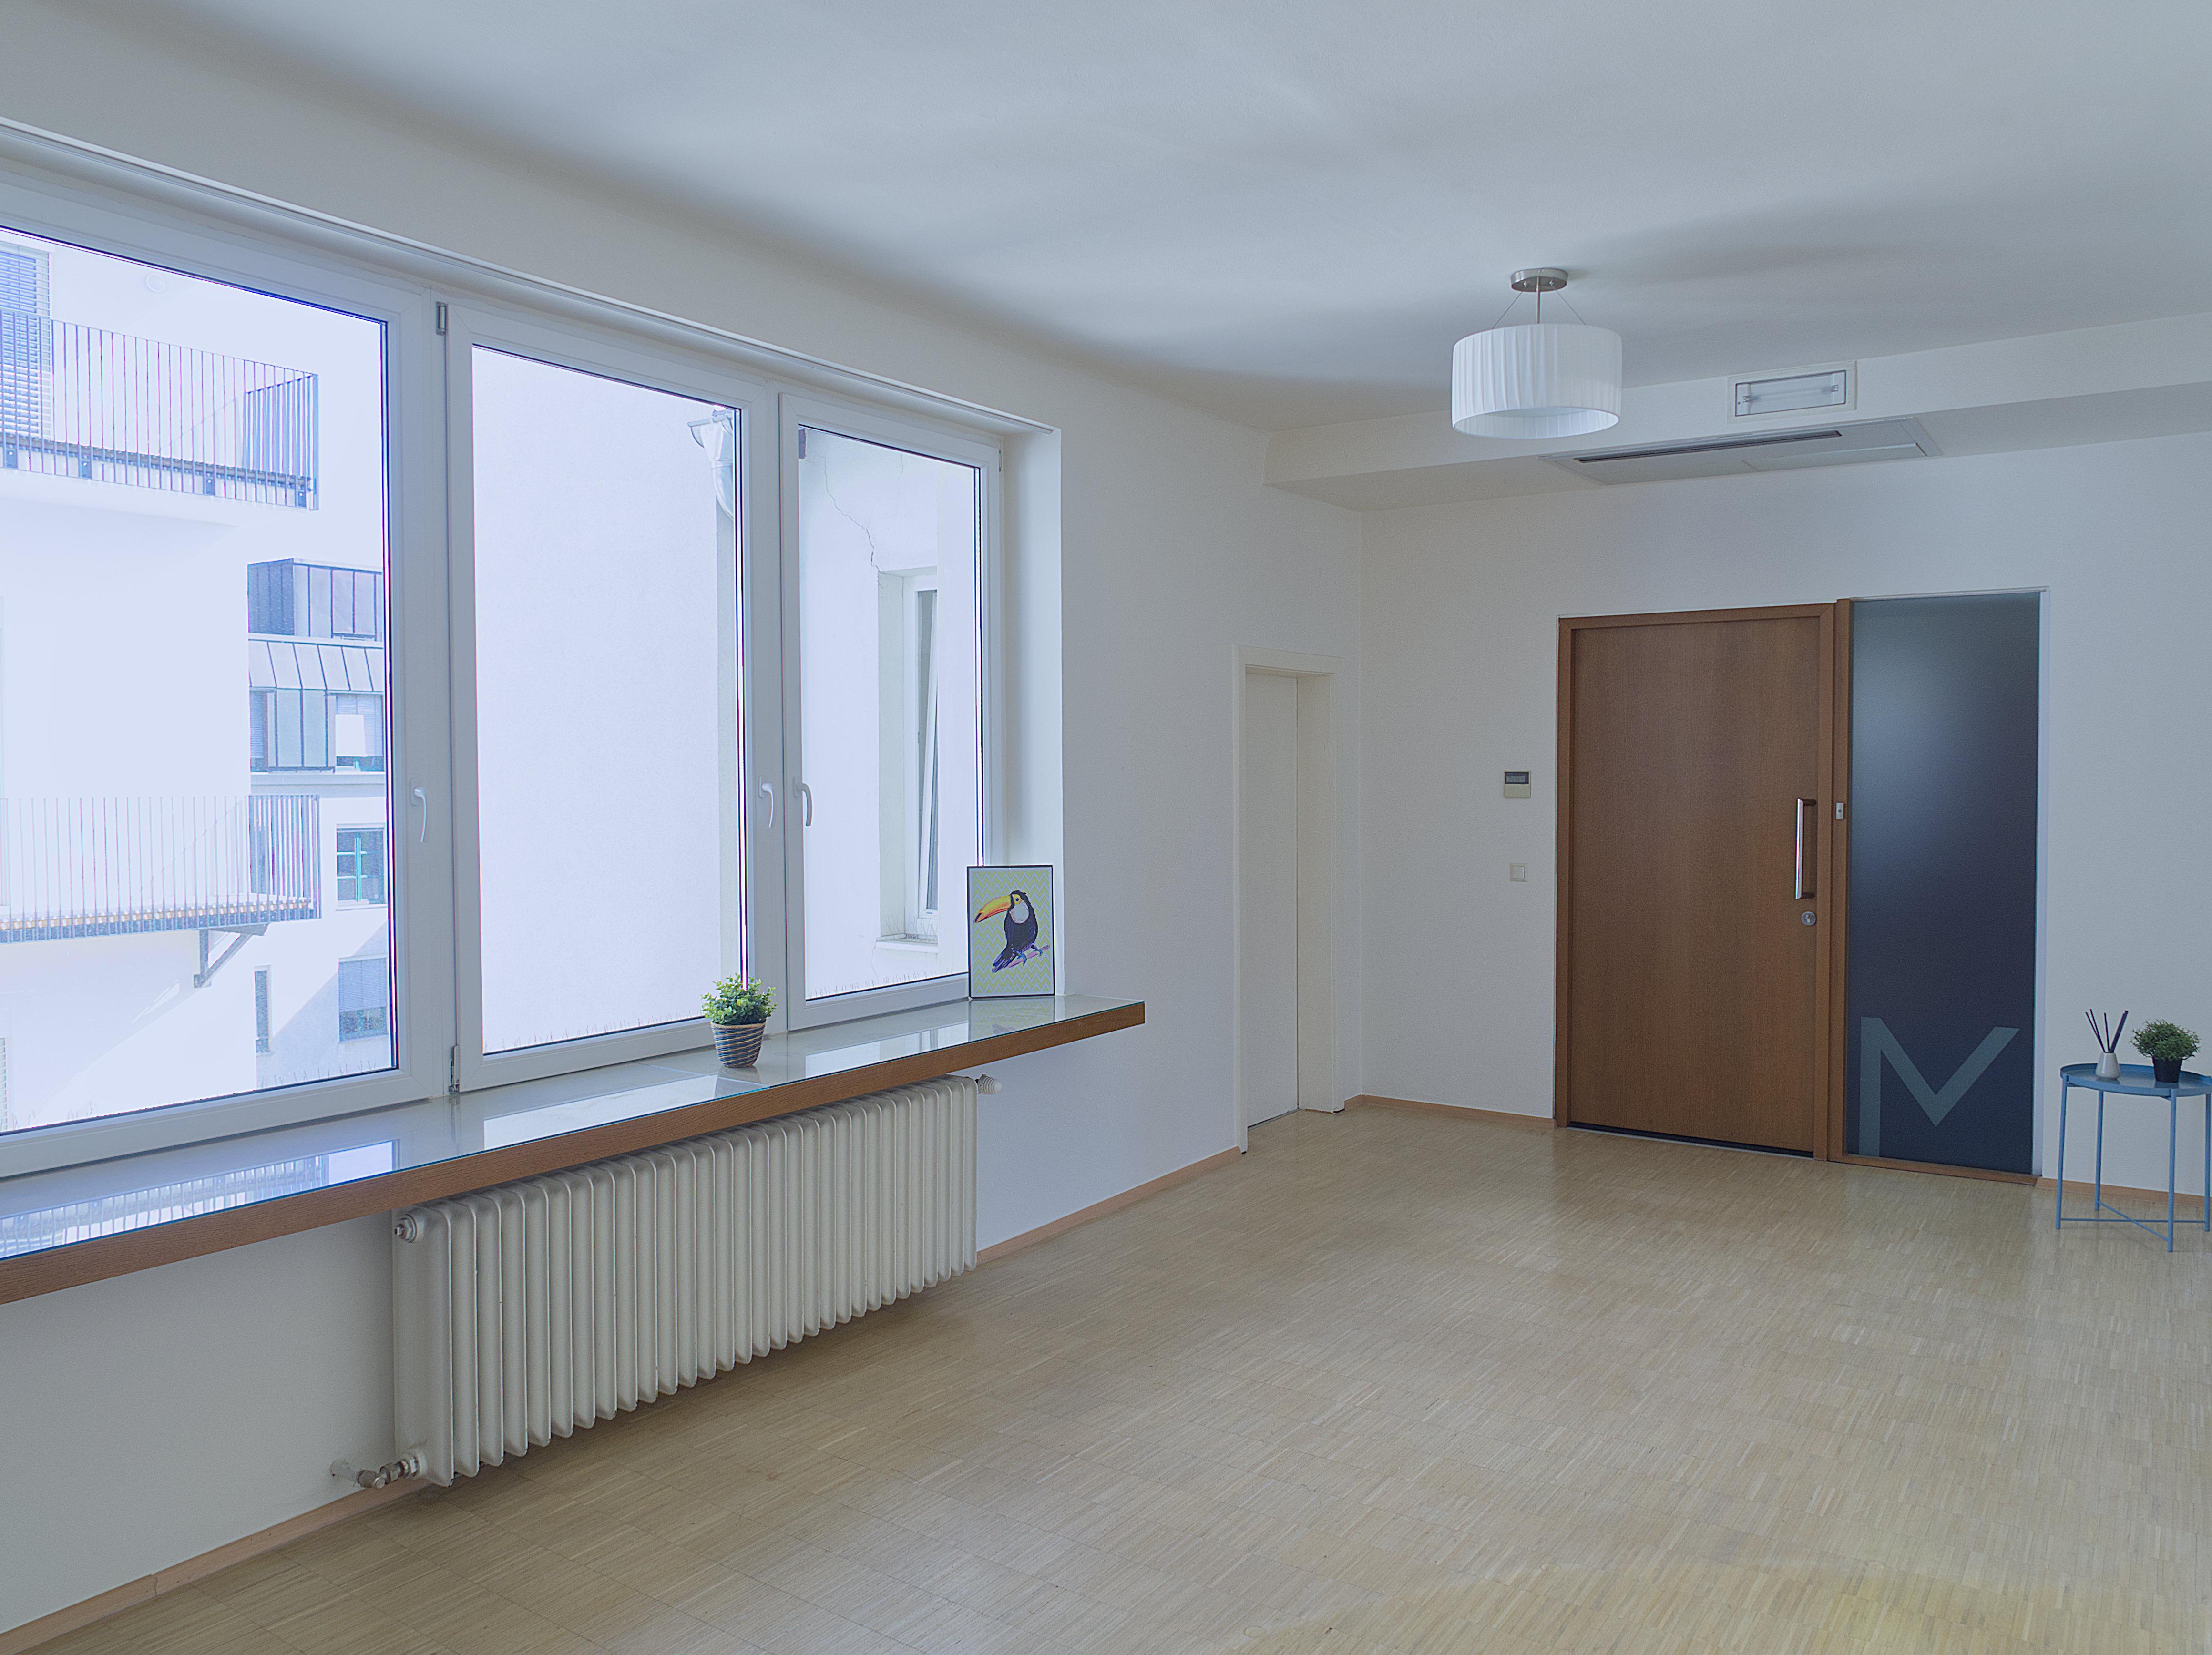 Eingangsbereich/Empfangsbereich